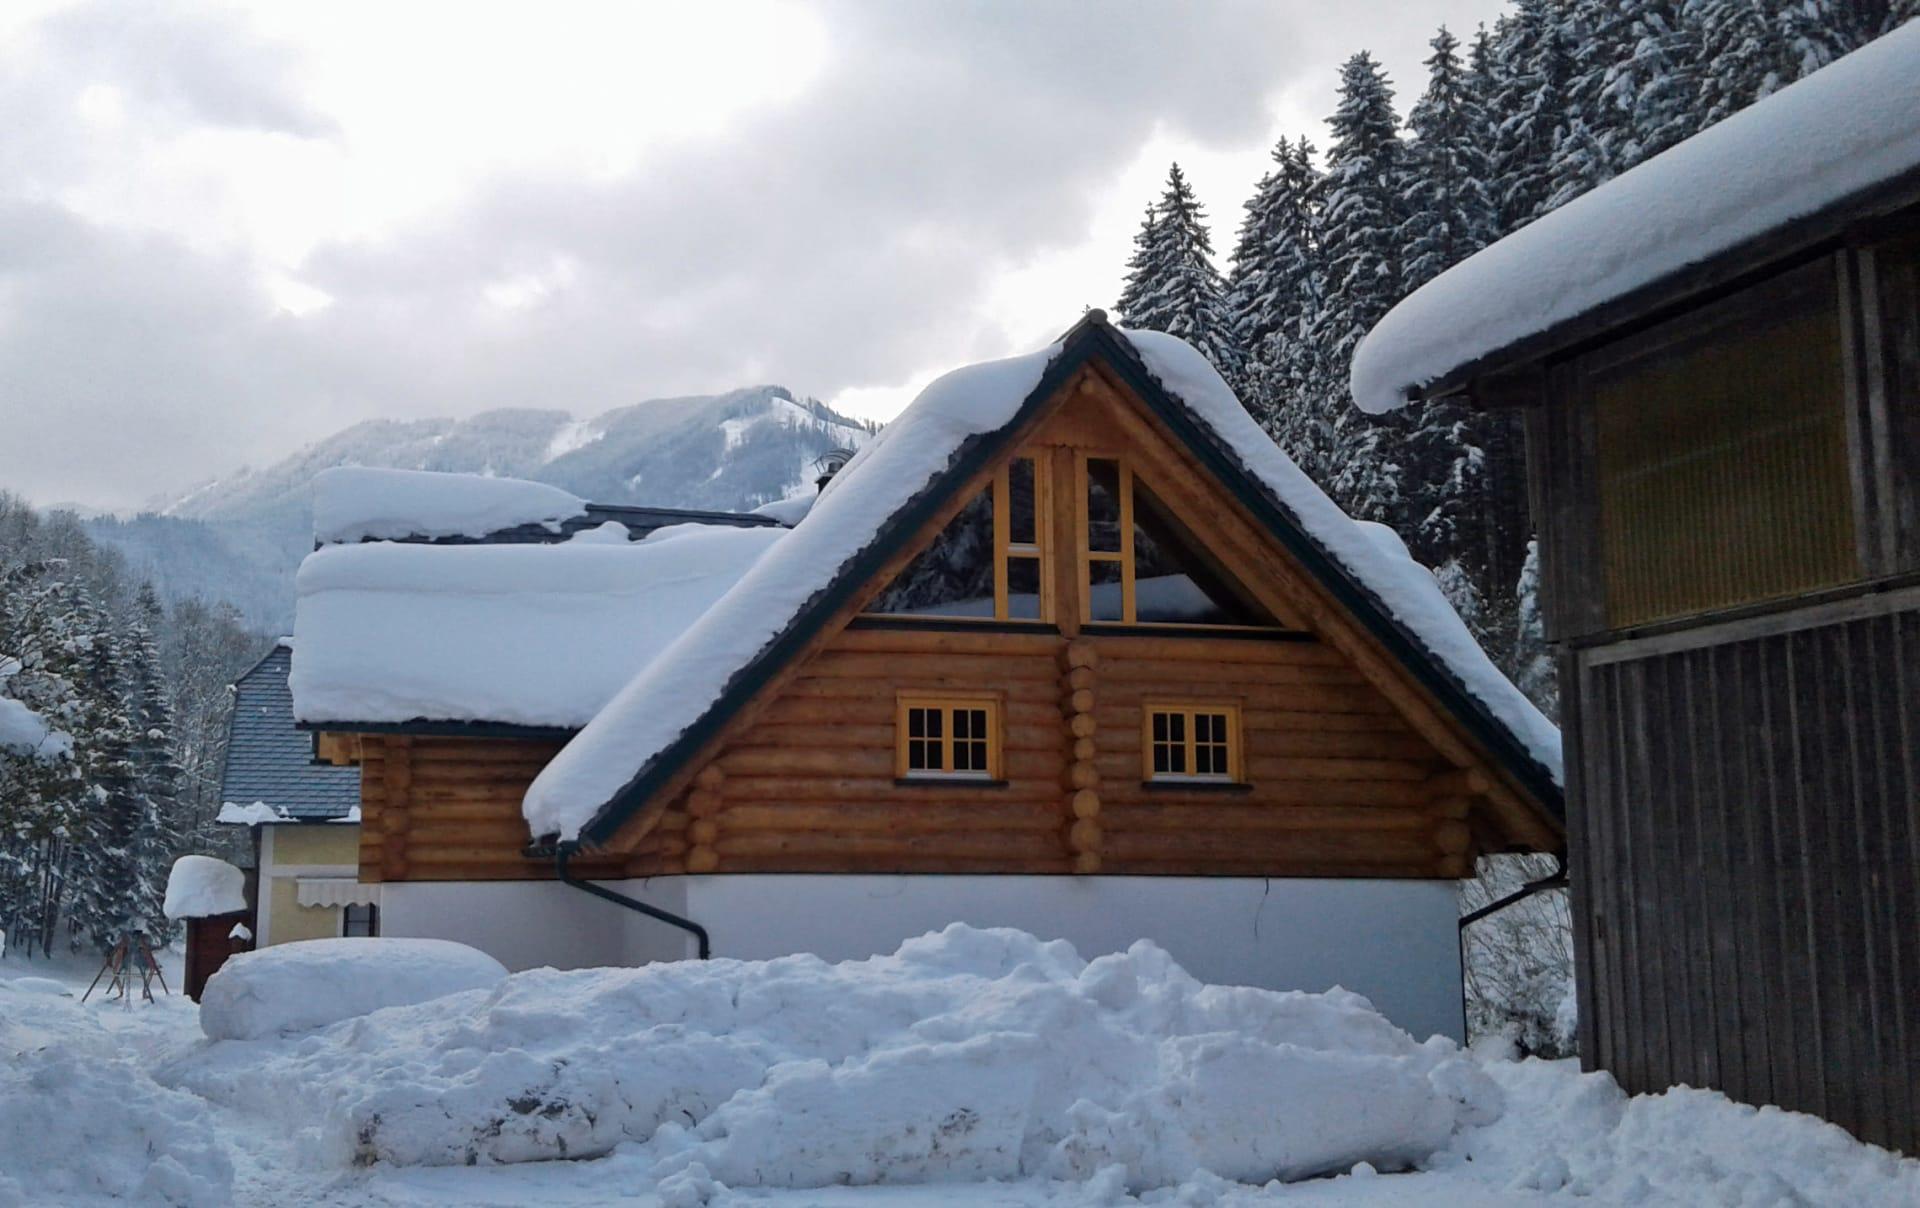 Ferienhof Schelchen - Unser Ferienhaus im Winter